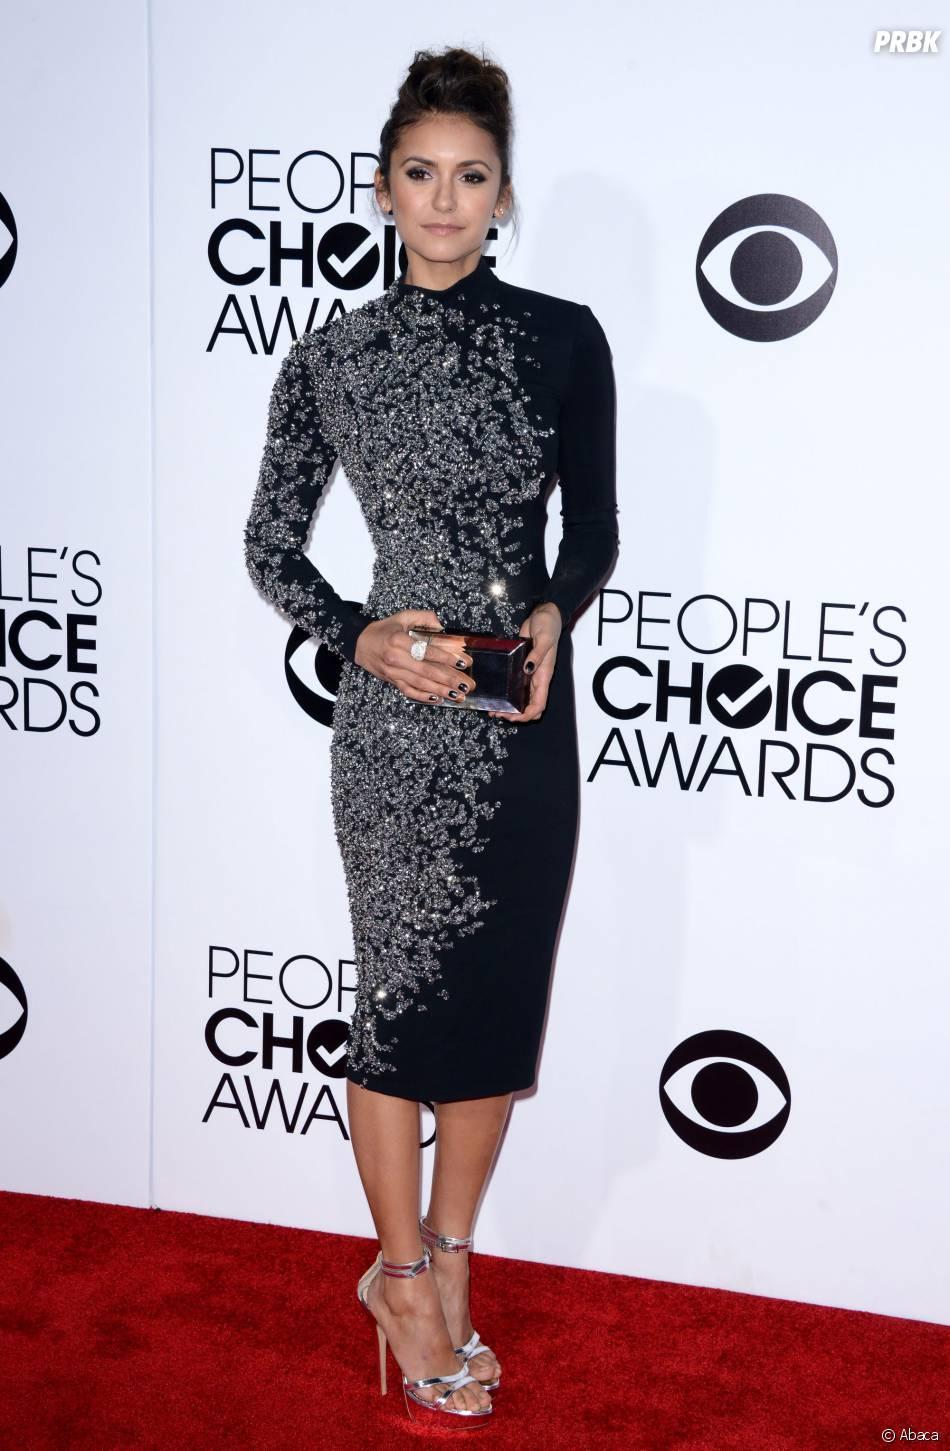 Nina Dobrev aux People's Choice Awards 2014, le 8 janvier 2014 à Los Angeles